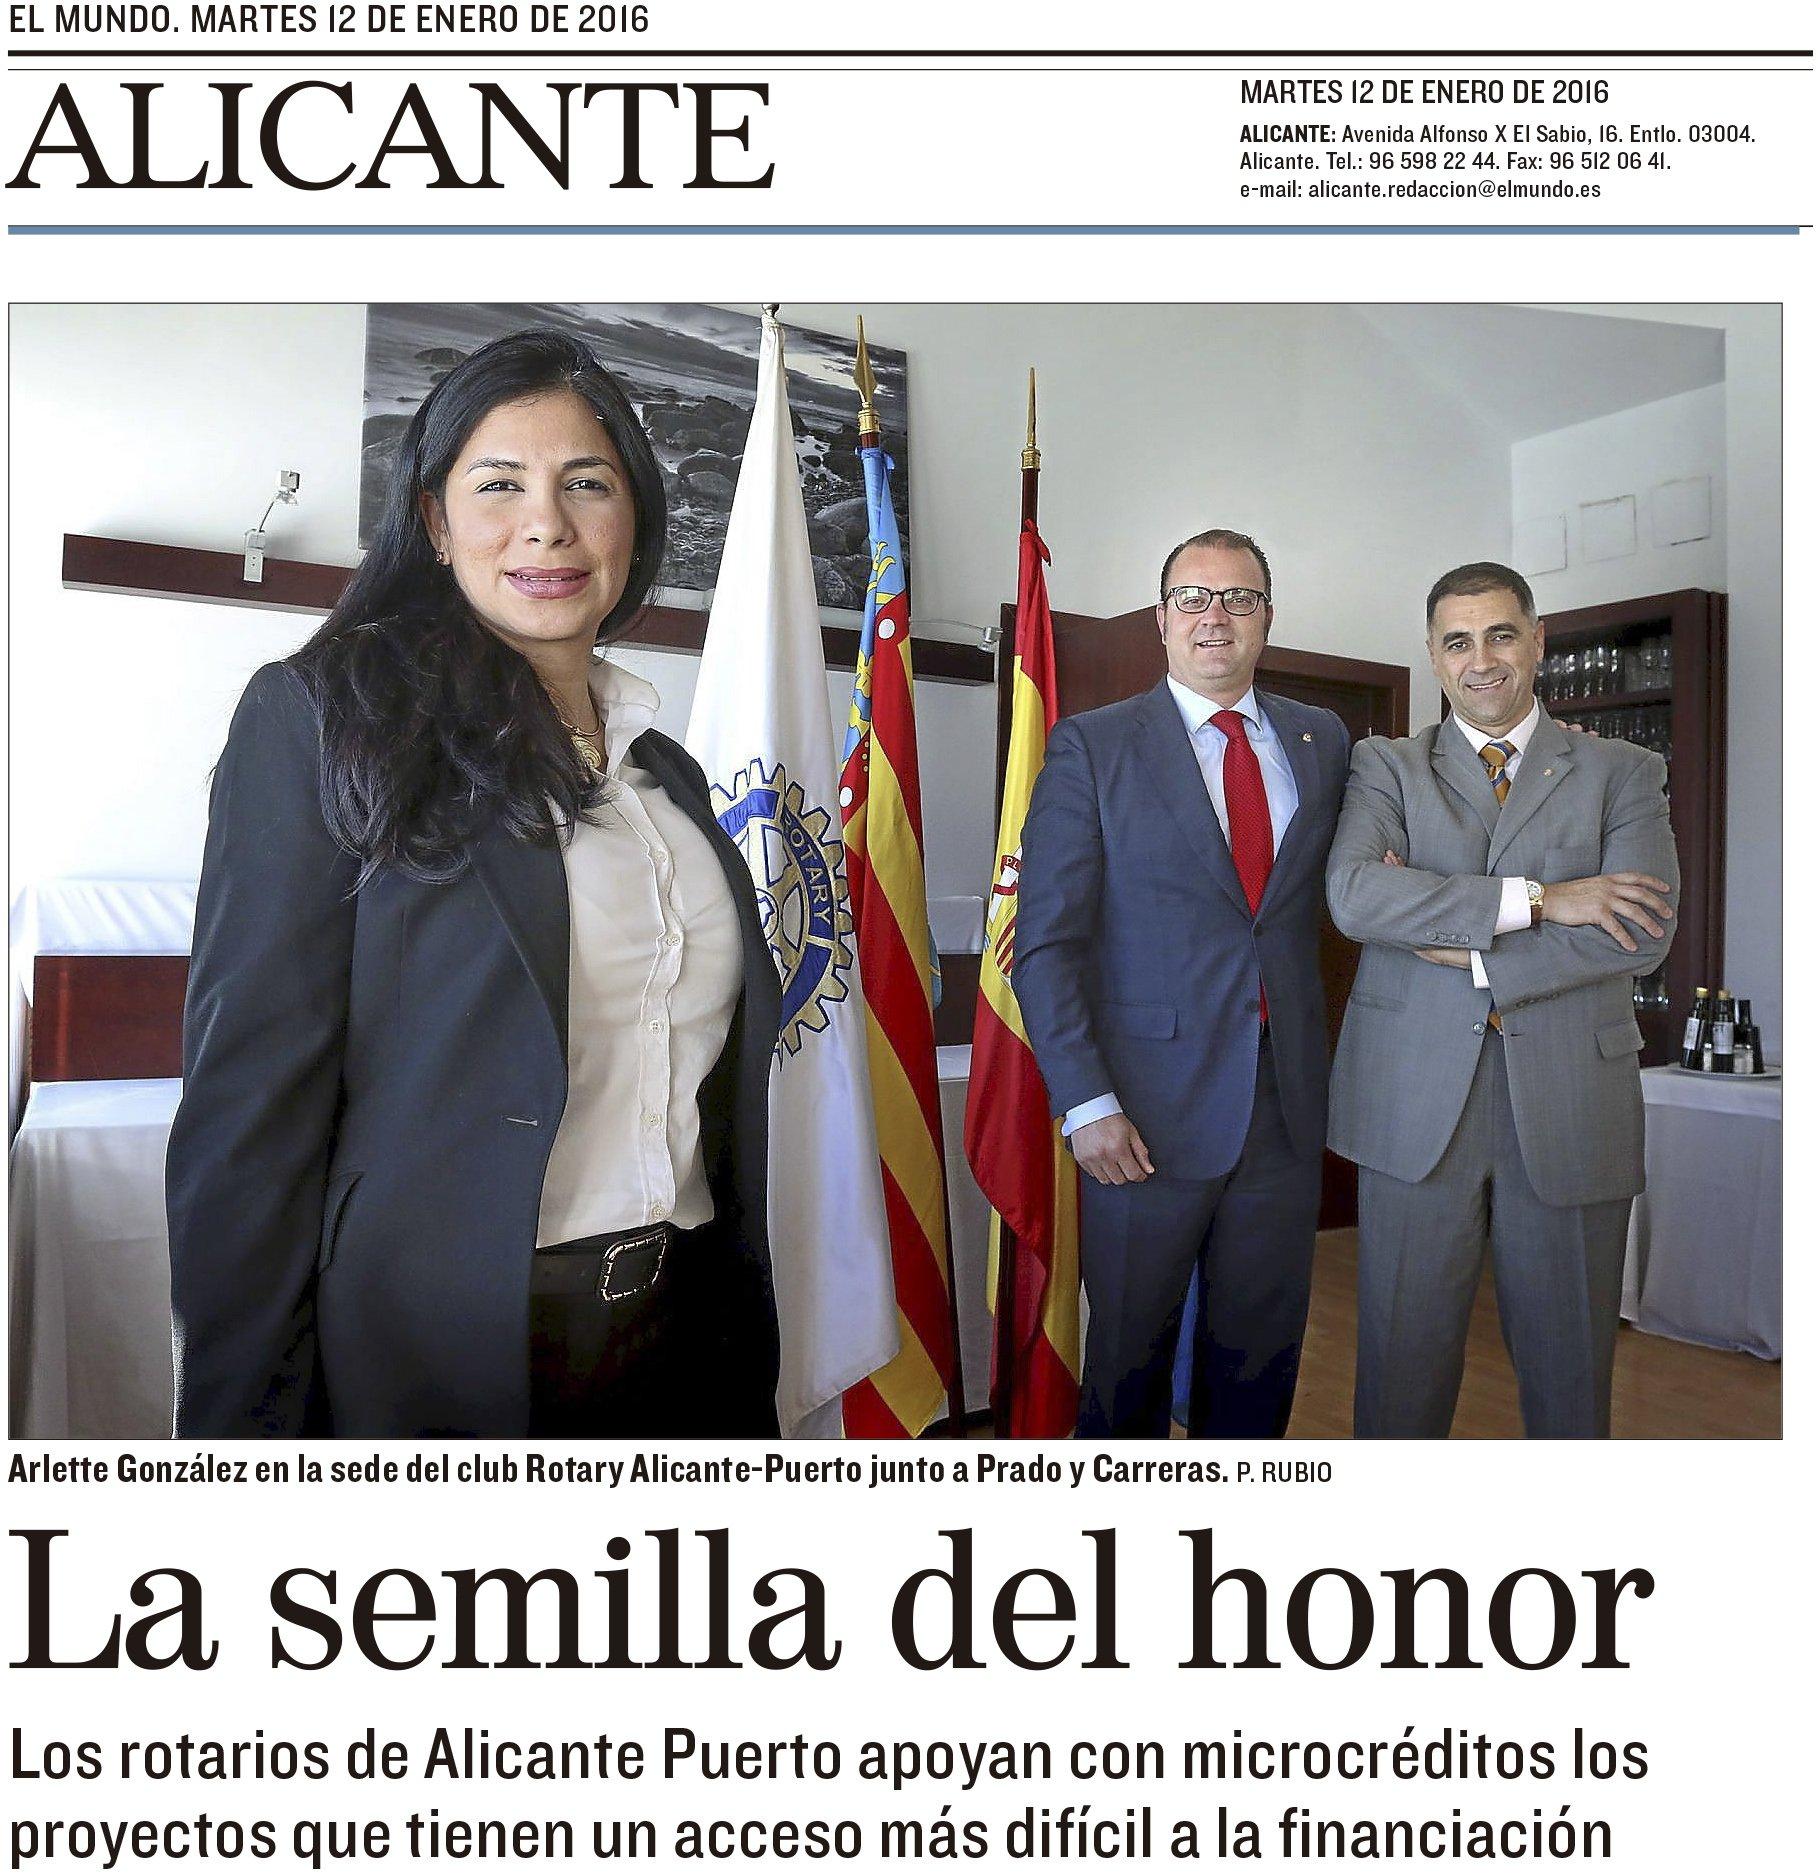 Microcreditos Rotary Alicante Puerto por El Mundo